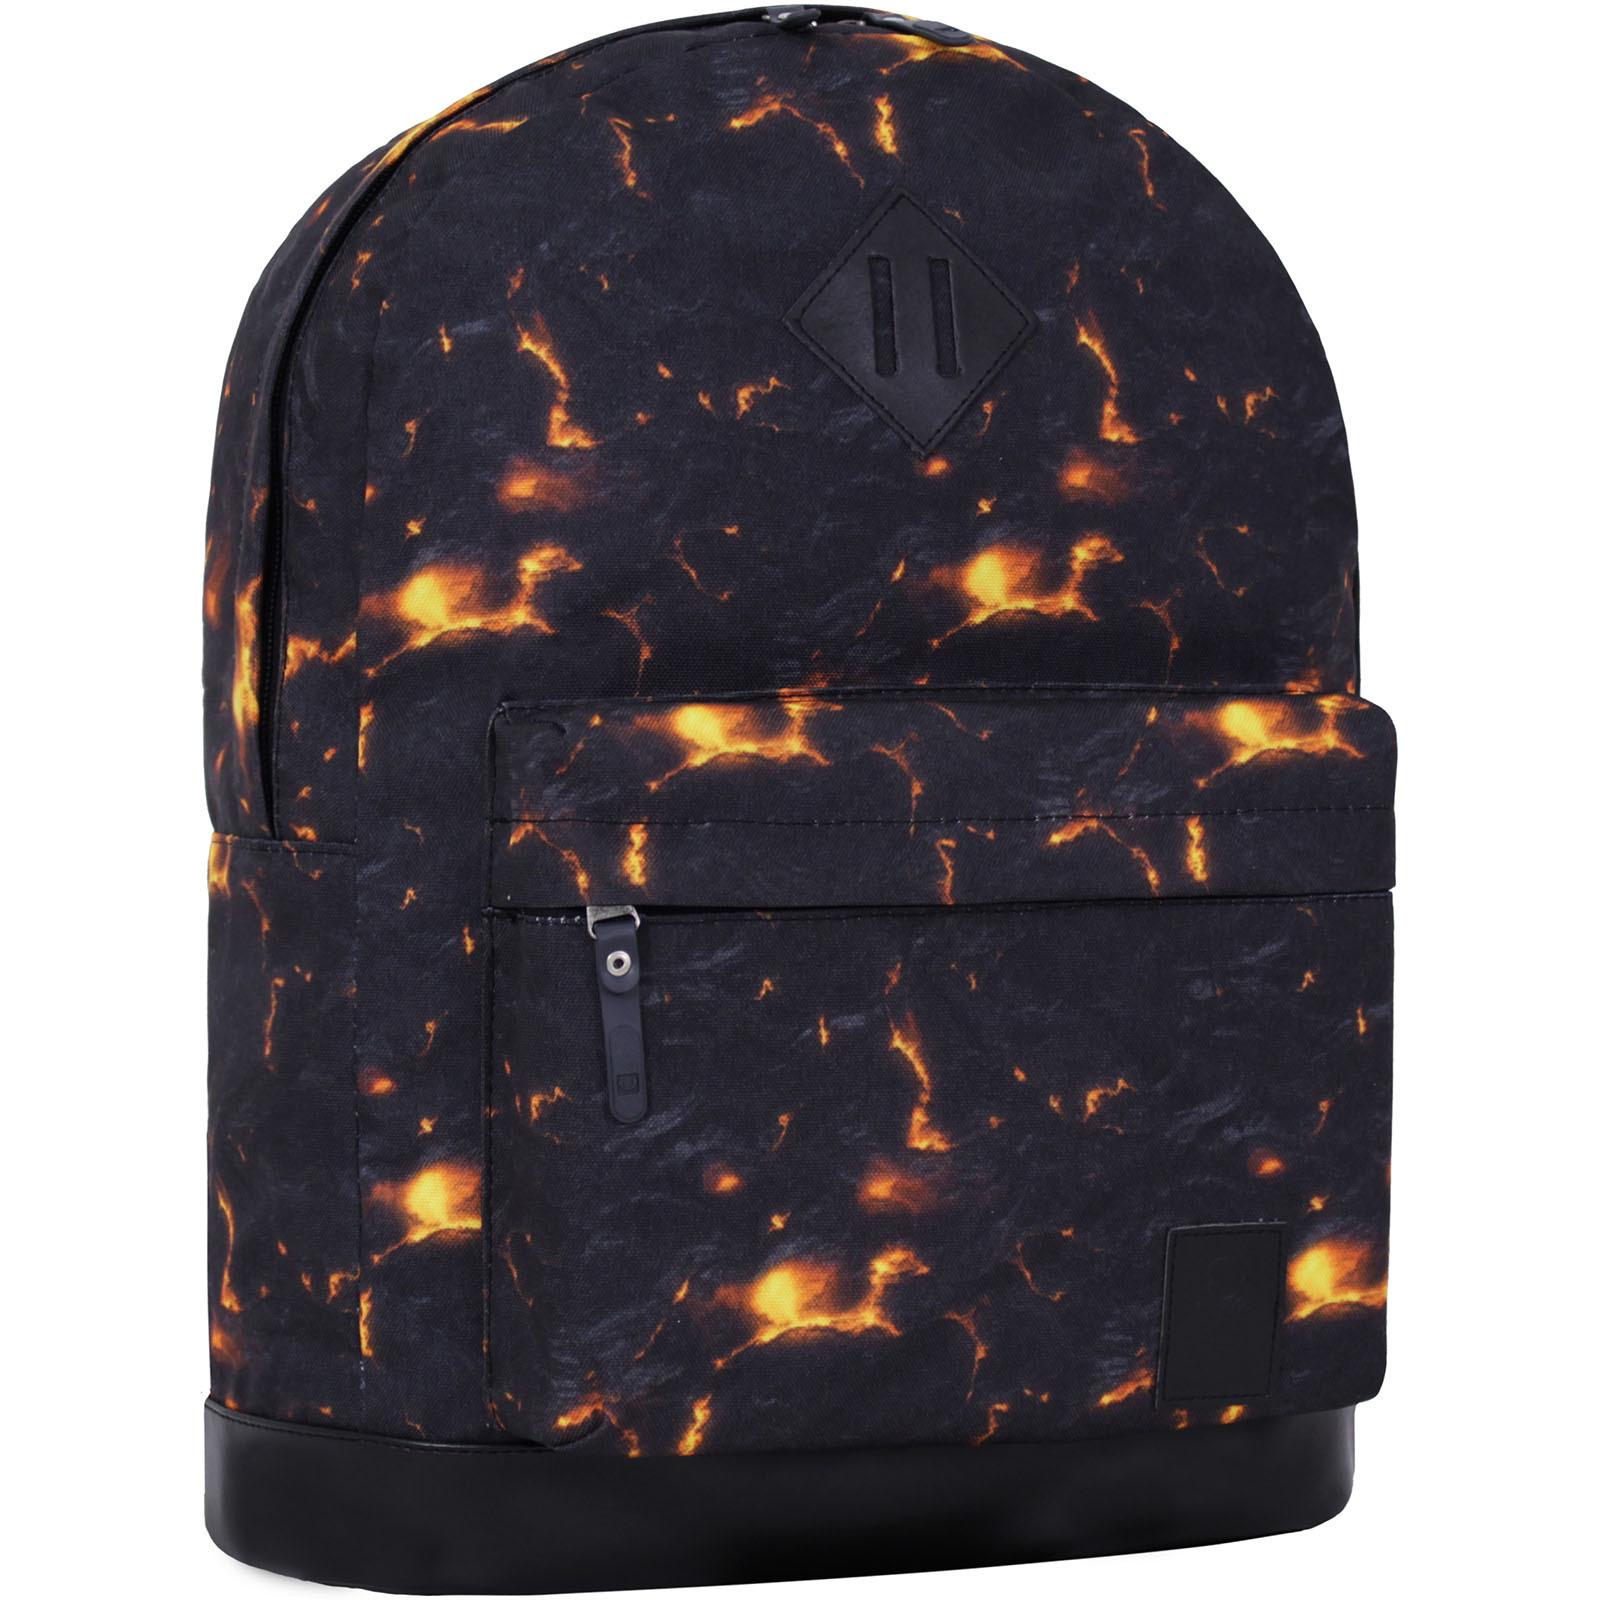 Городские рюкзаки Рюкзак Bagland Молодежный 17 л. сублимация (лава) (005336640) IMG_9471_суб.83_.JPG